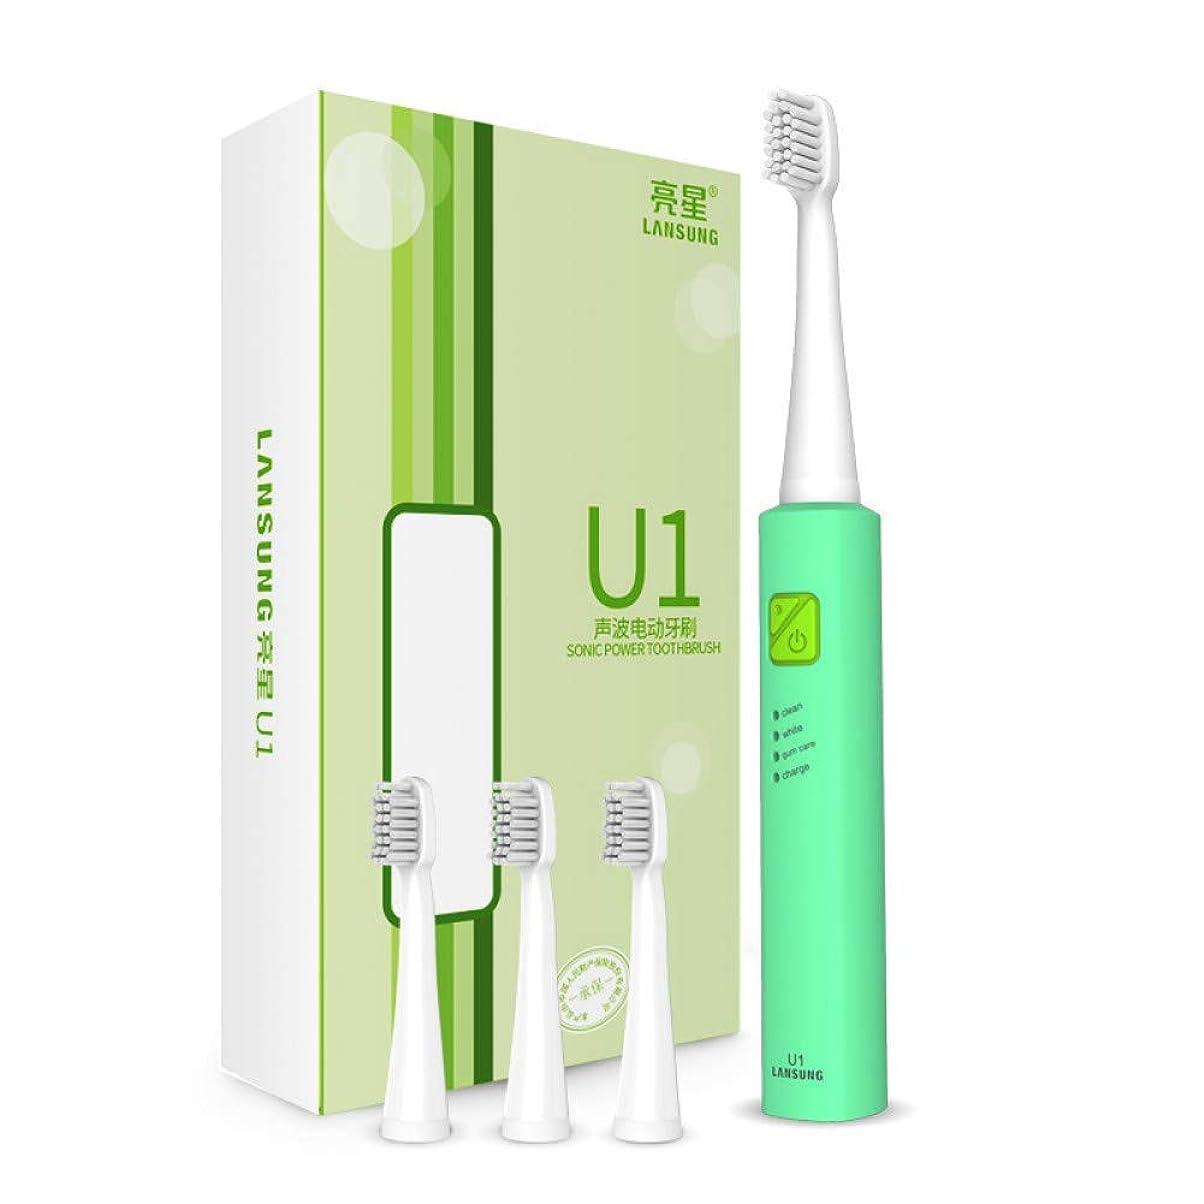 イソギンチャク犠牲メイト歯の音波のブラシの電動歯ブラシ、Bを白くするUsbの再充電可能な超音波歯ブラシの頭部